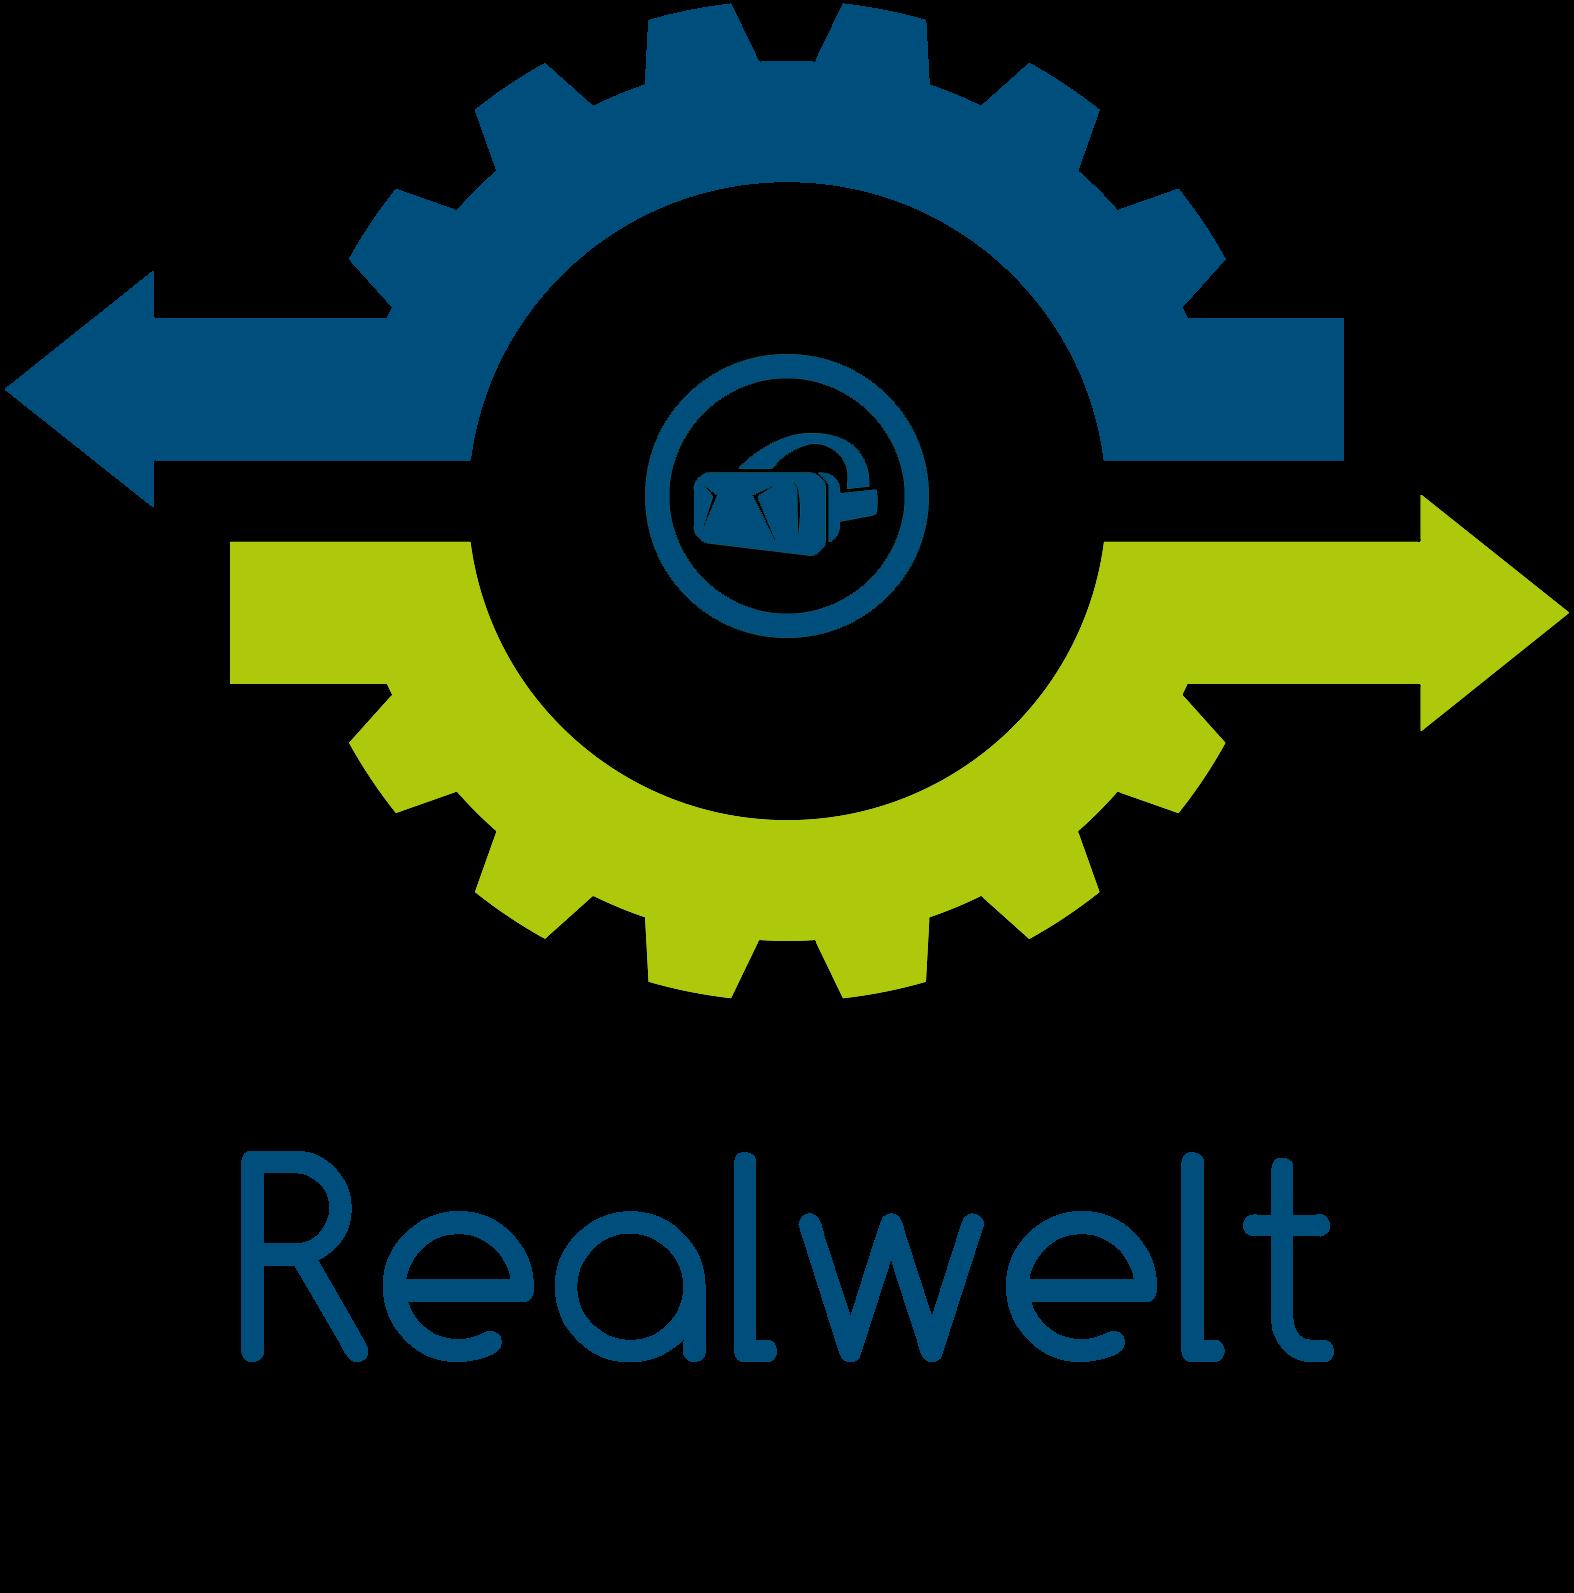 Realwelt logo